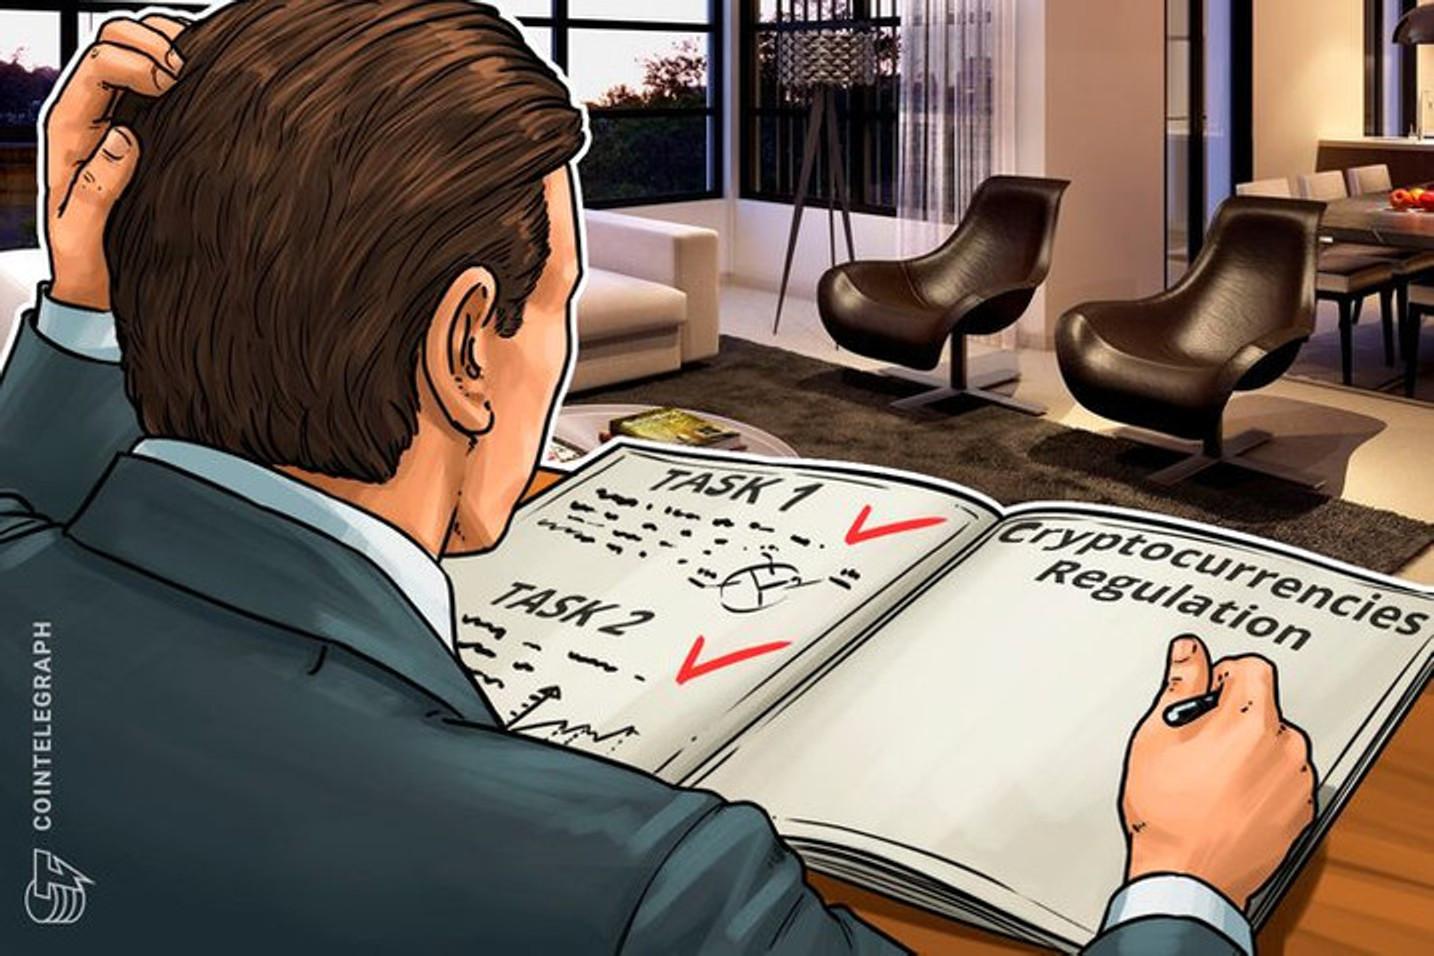 Presidente de un banco argentino opina que las criptomonedas deben regularse sin afectar la innovación